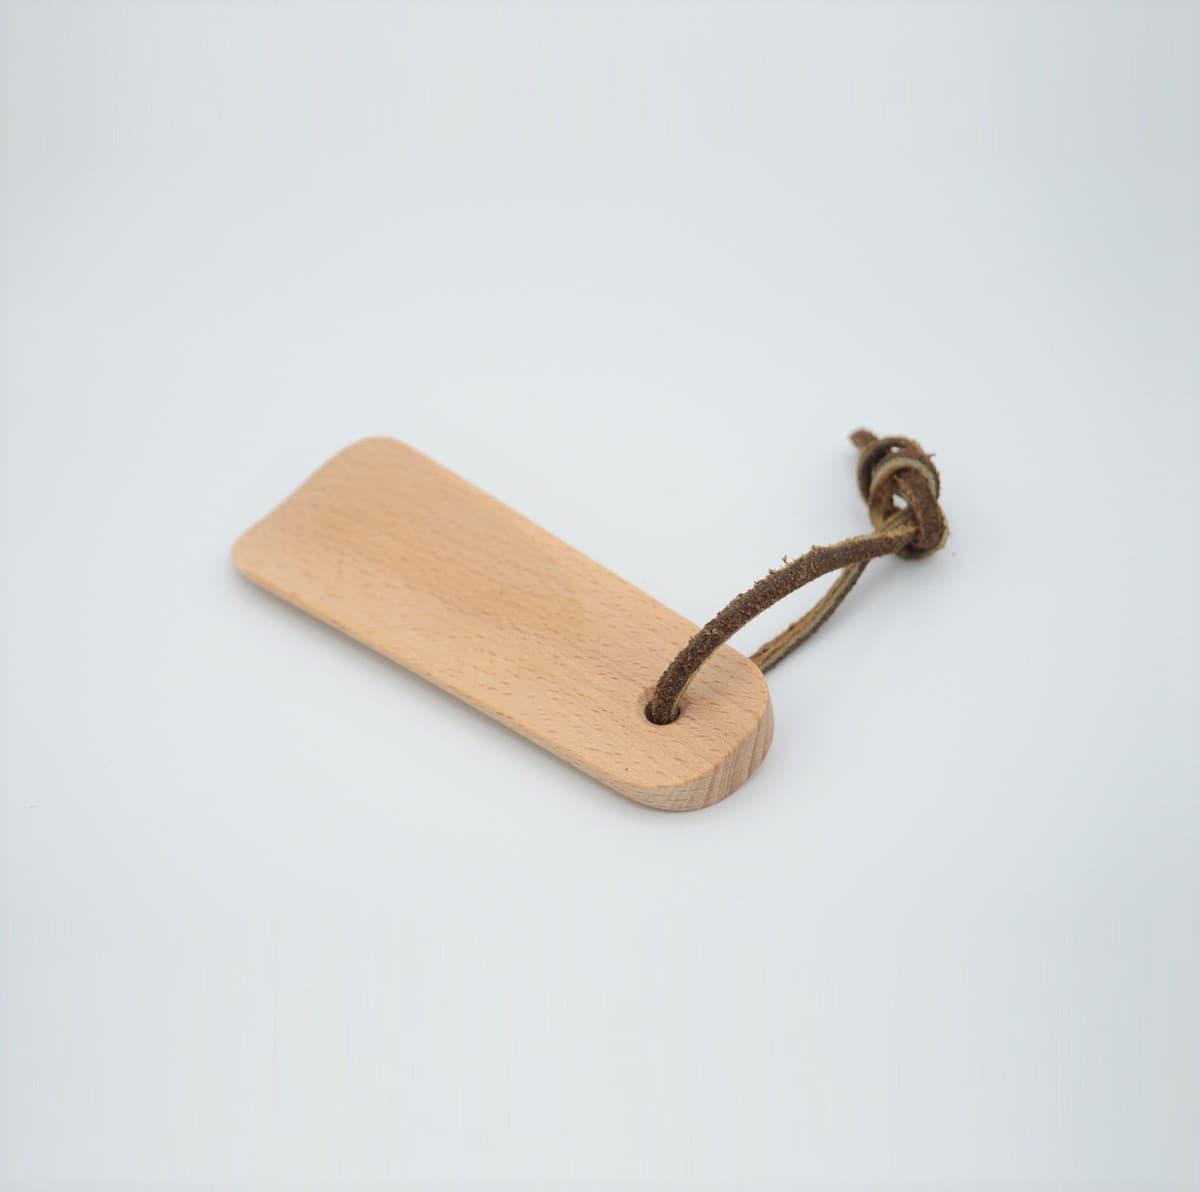 938131ab0a3 Calzador de zapatos de madera - Tienda Online Cero Residuo